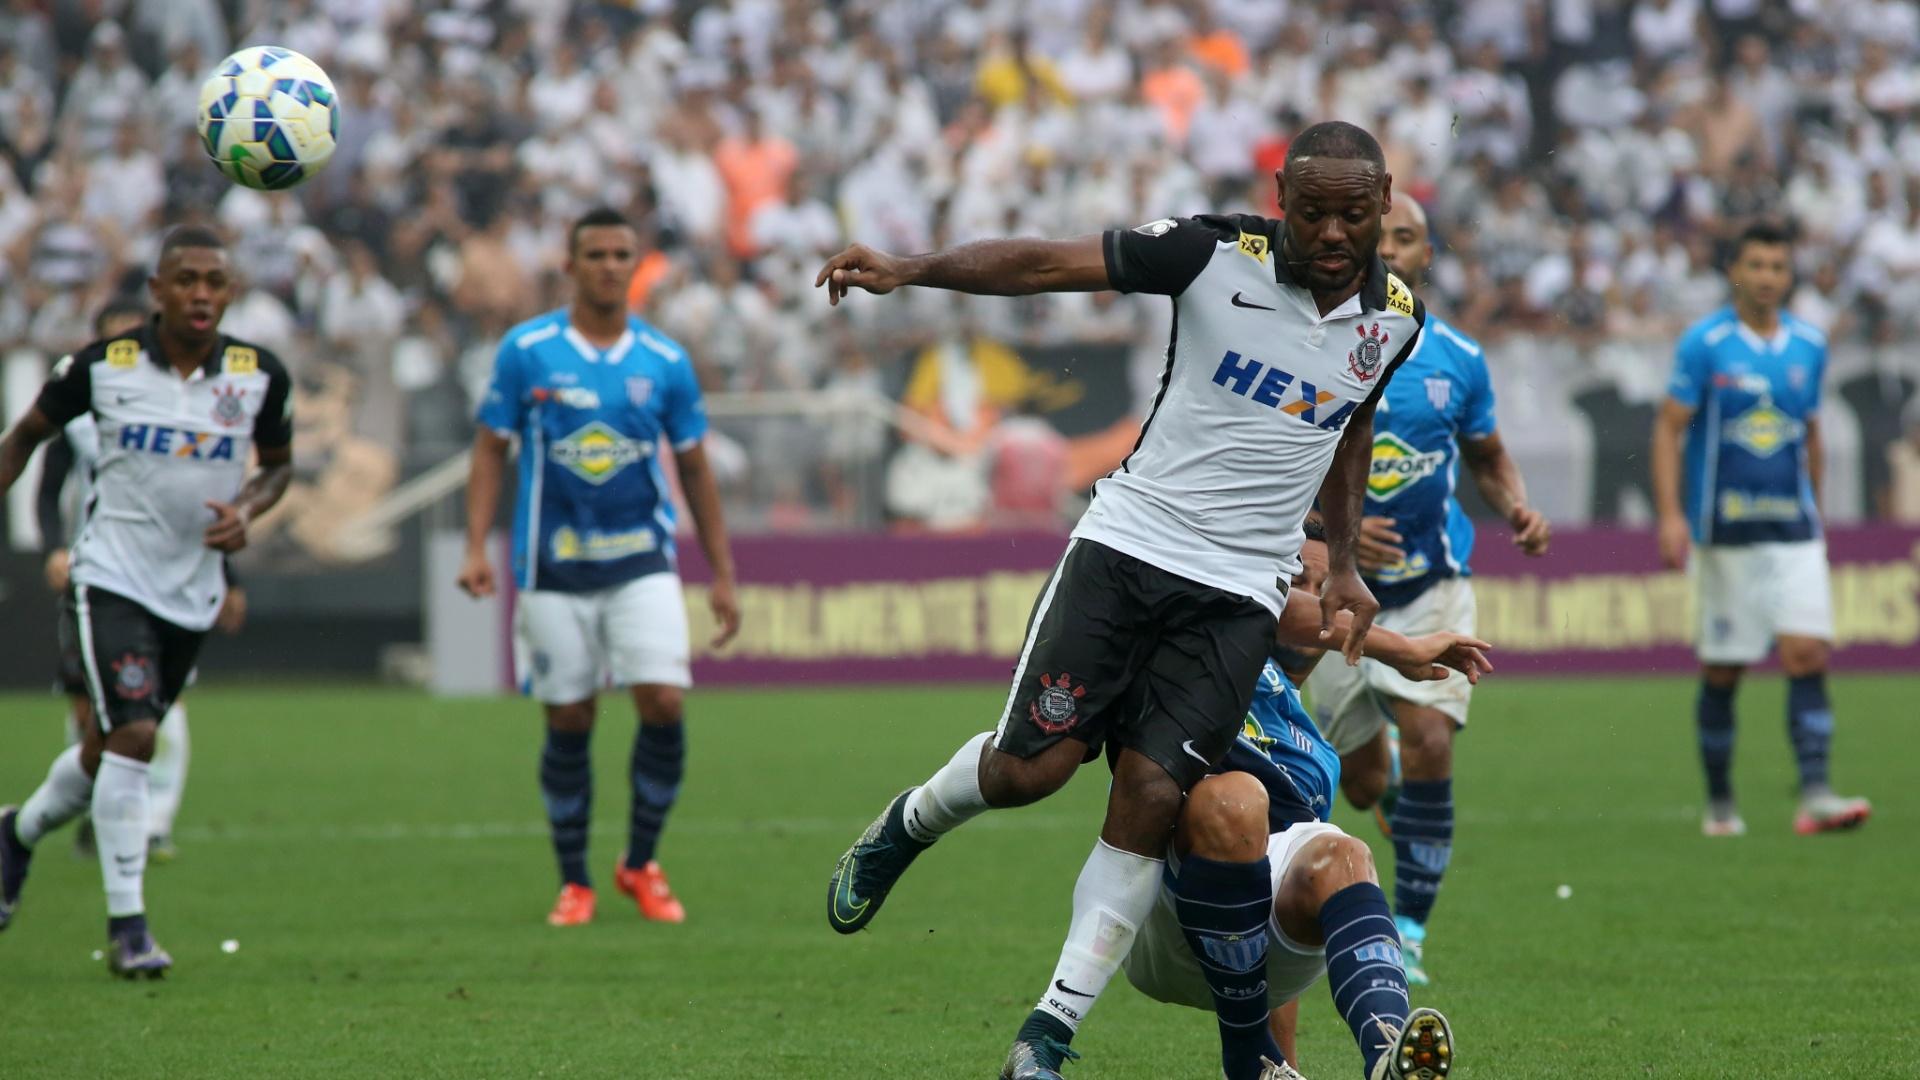 Vágner Love disputa bola com zagueiro do Avaí na Arena Corinthians. Atacante fez um gol